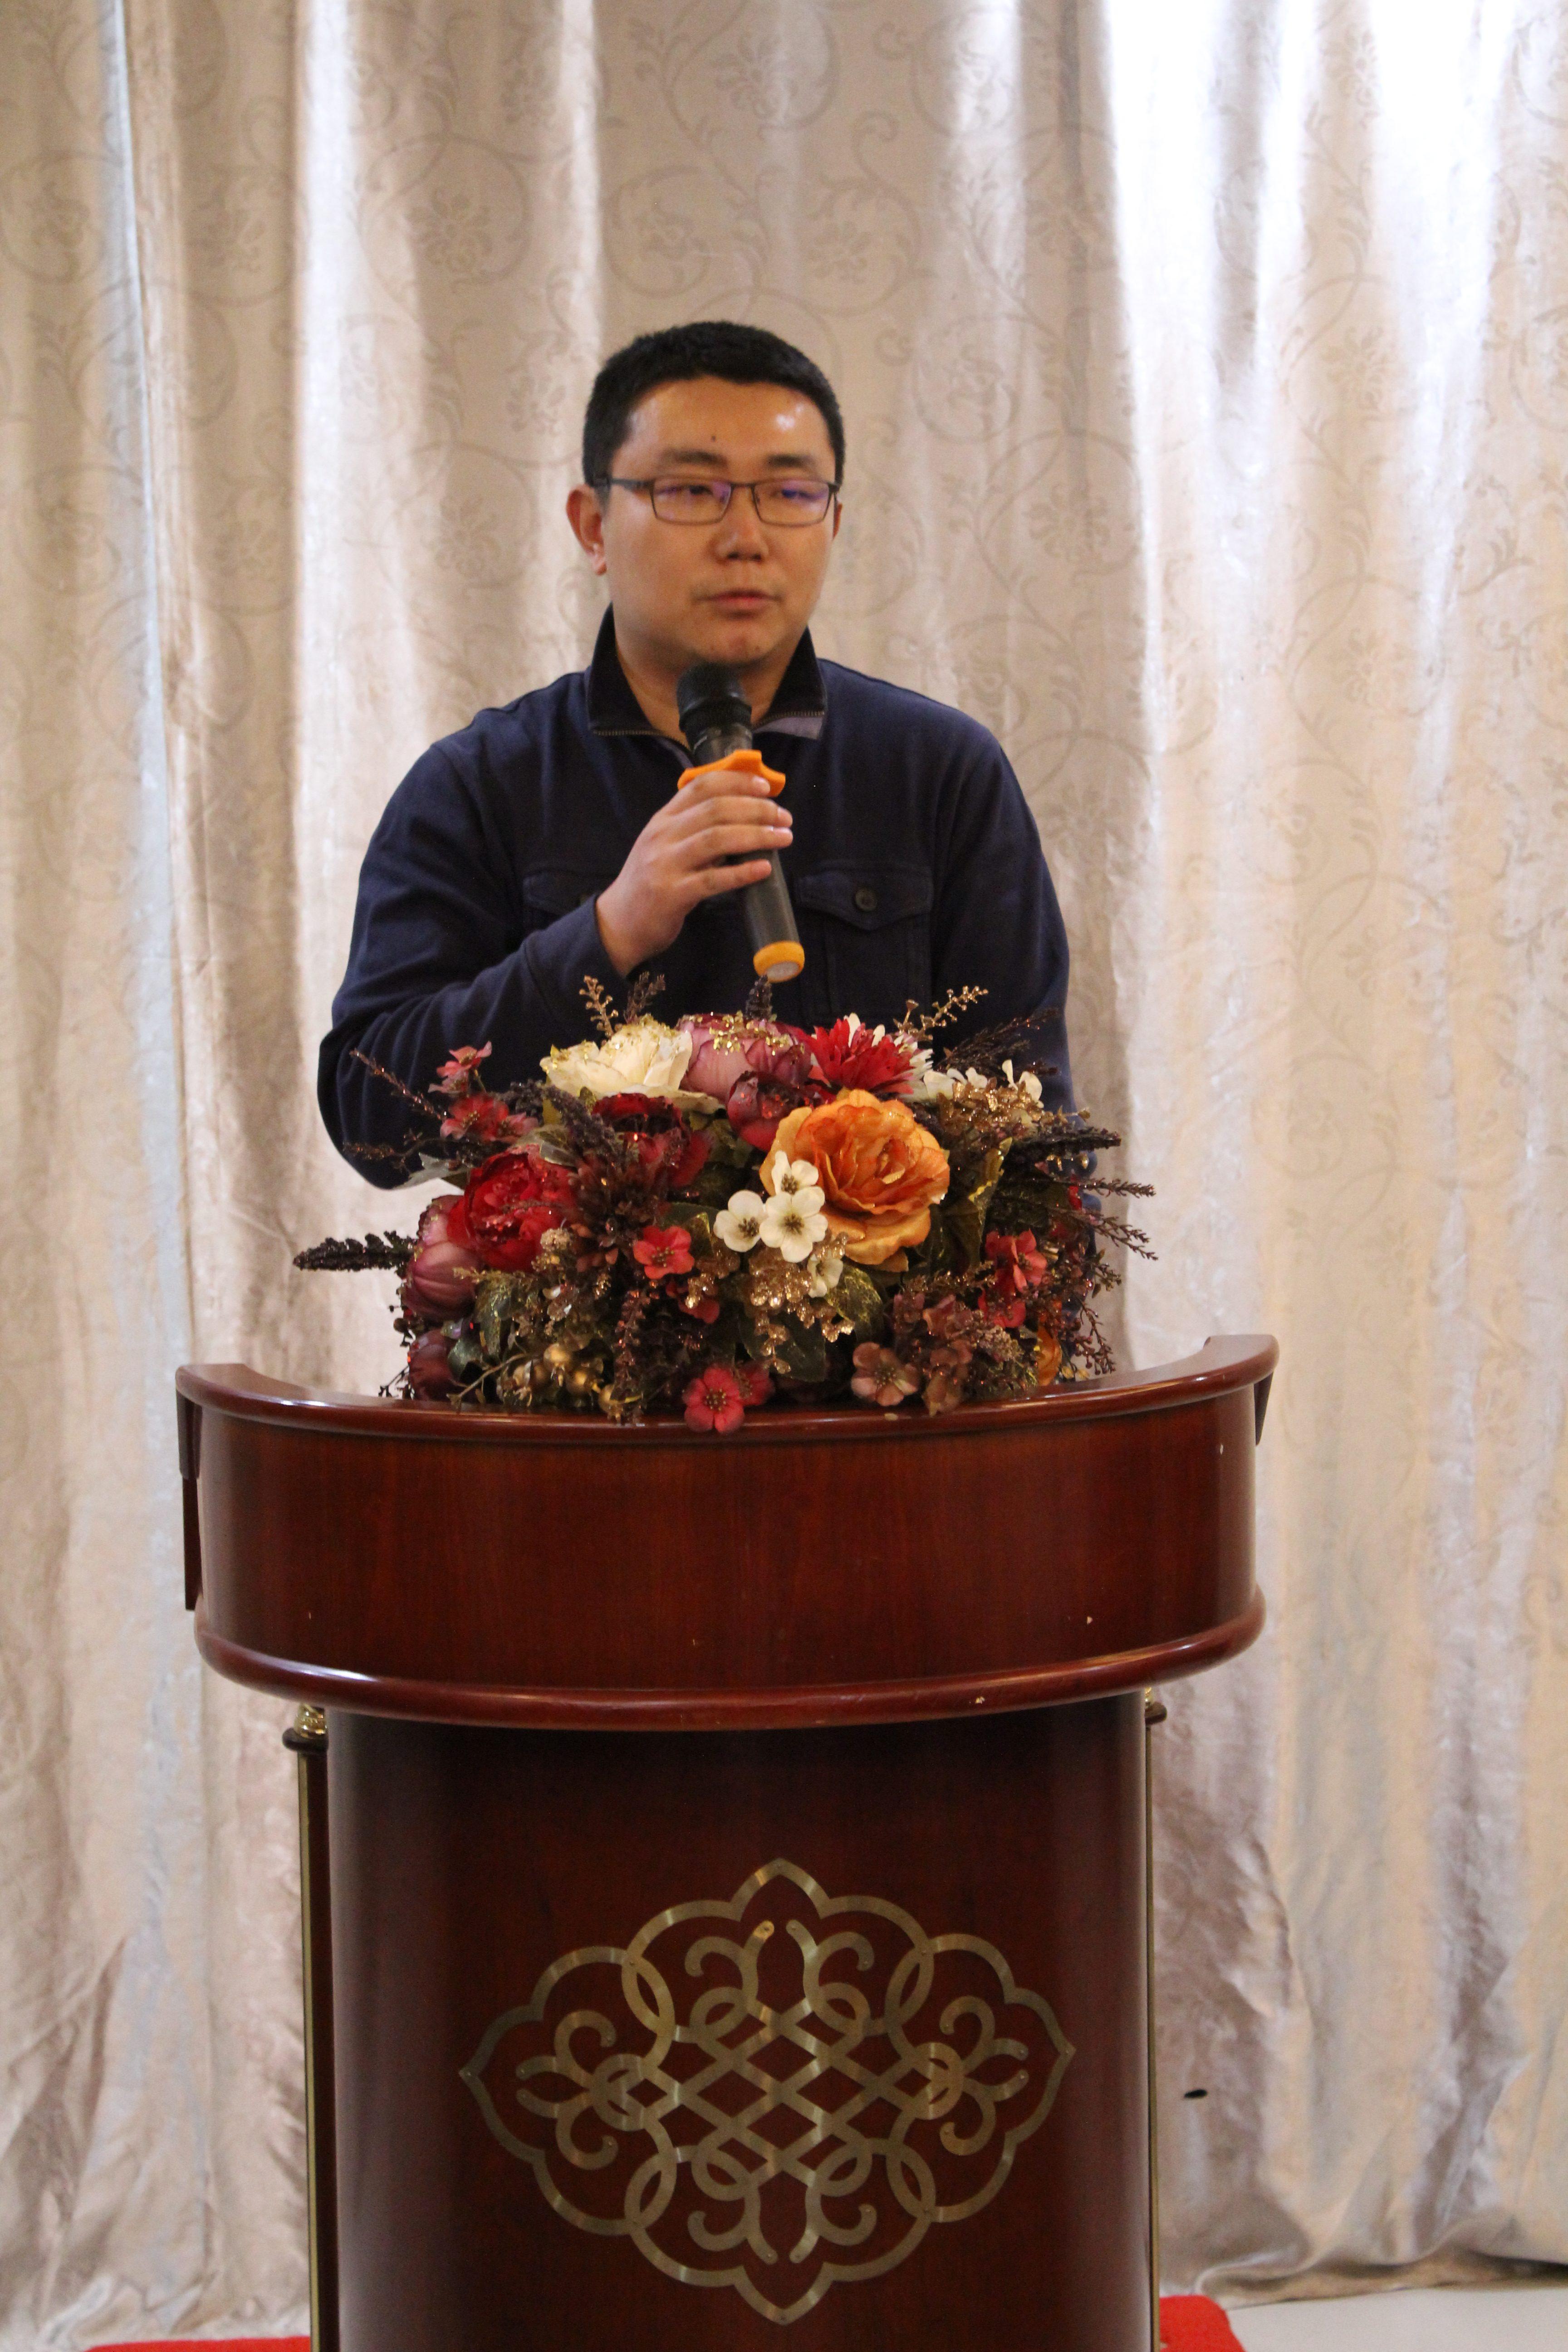 Li Weinan